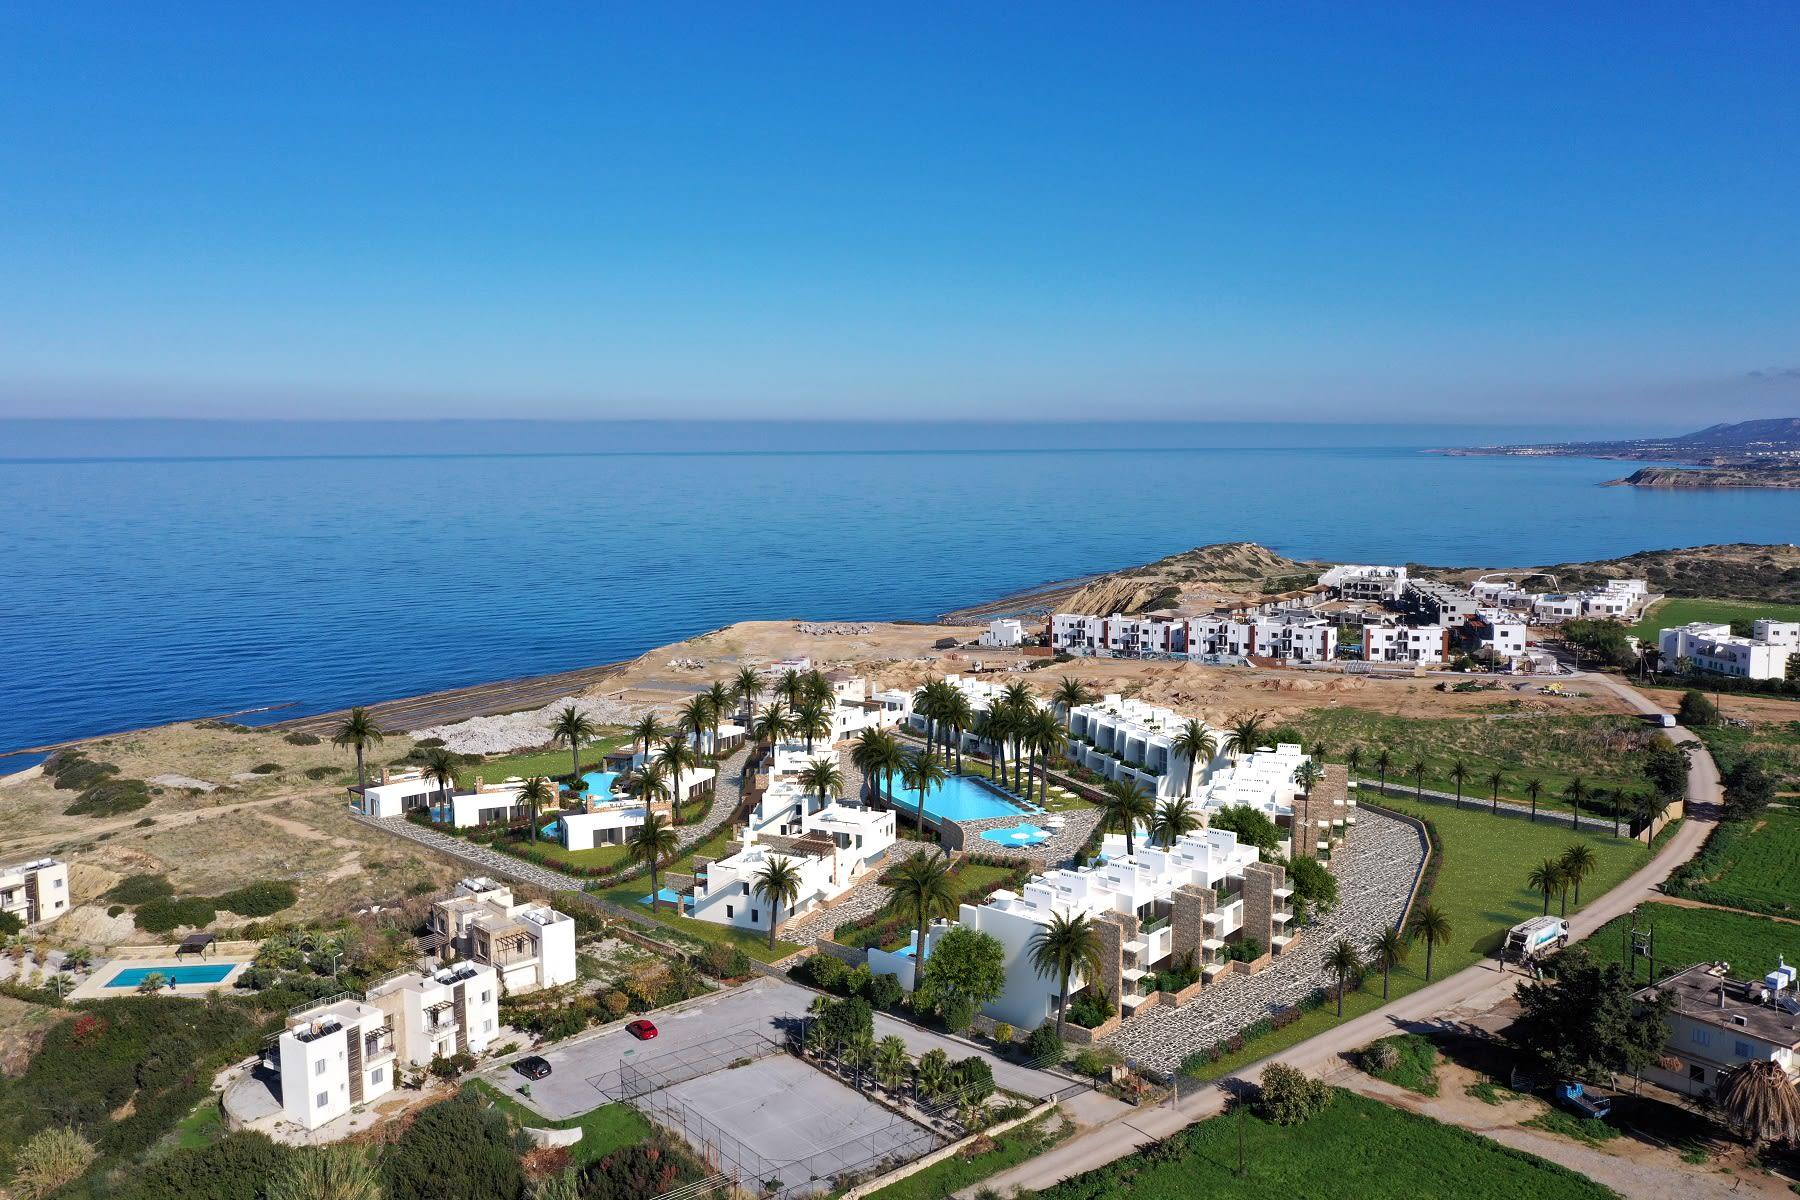 Esentepe'de Marina Üzerinde Satılık 3+1 ve Özel Havuzlu Villalar 8446